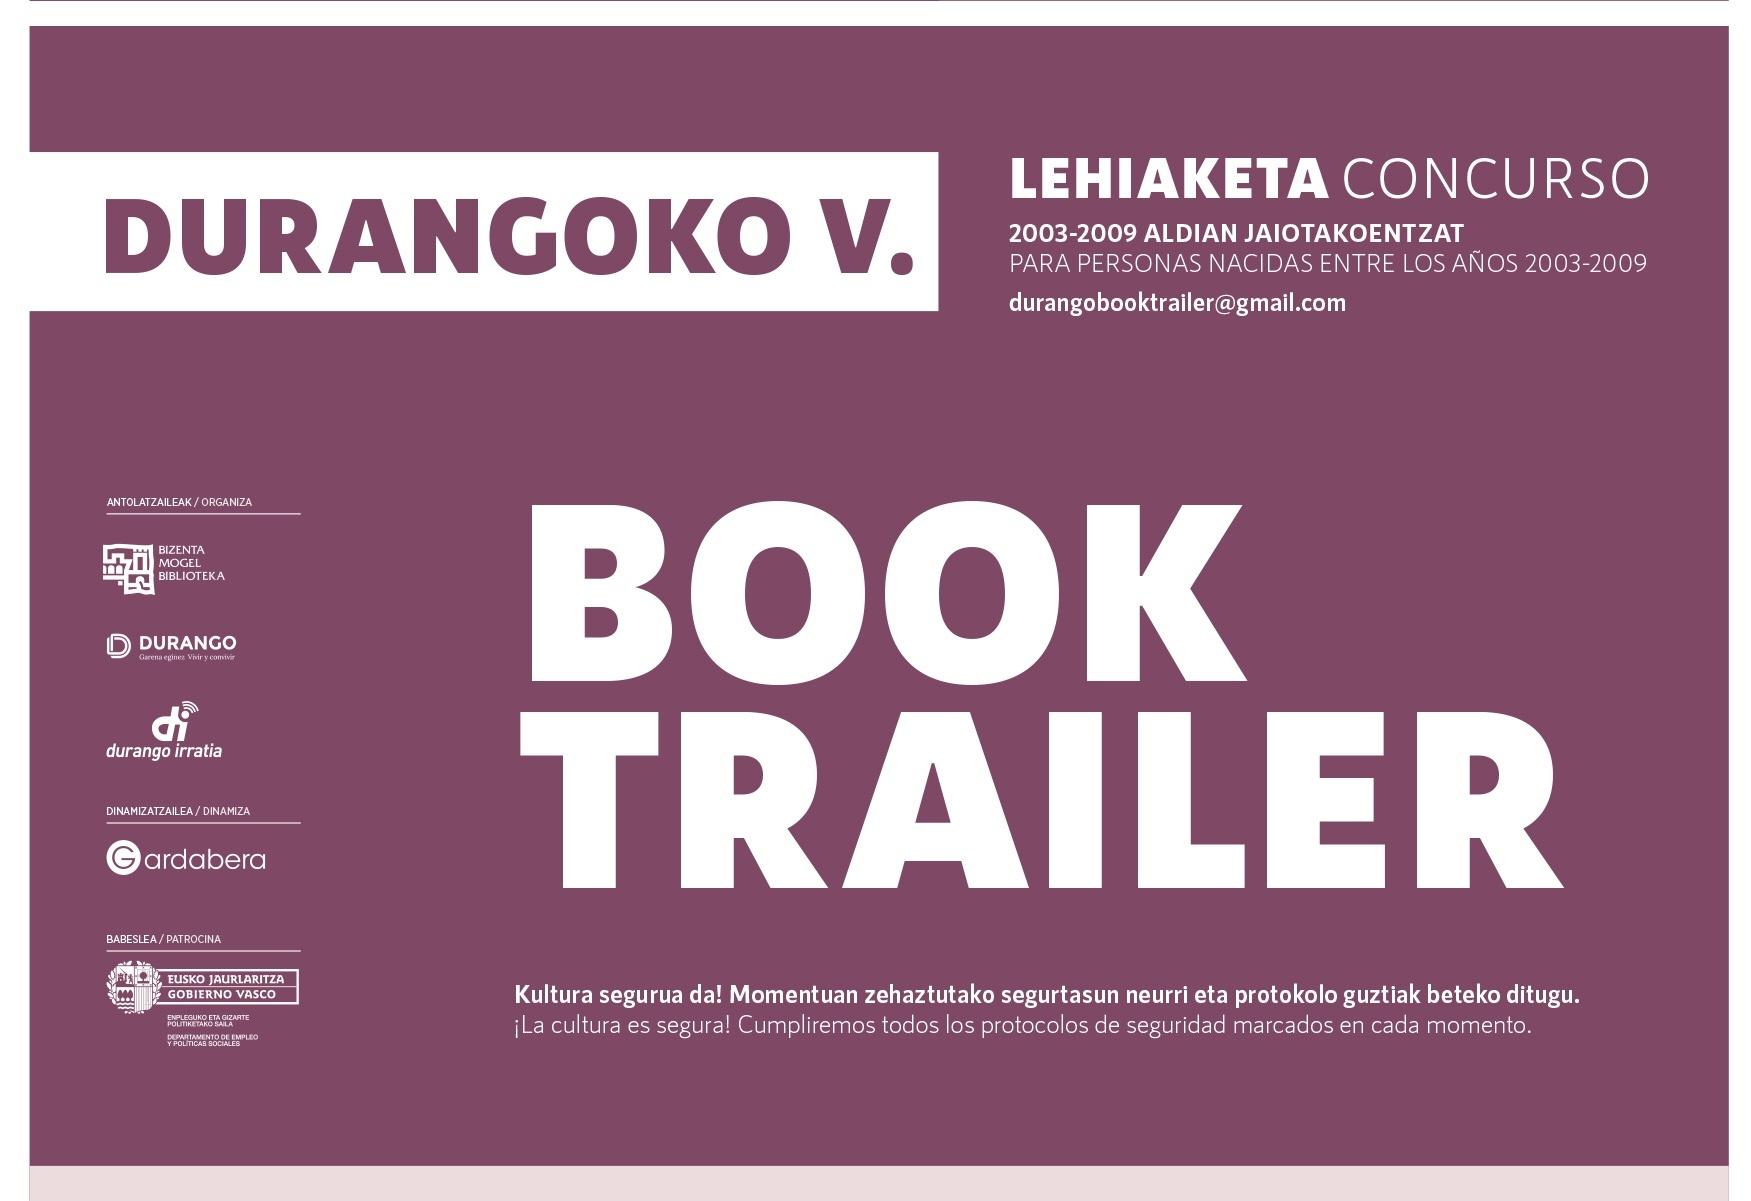 [dotb.eus] Durango pone en marcha la 5ª edición del concurso Book Trailer